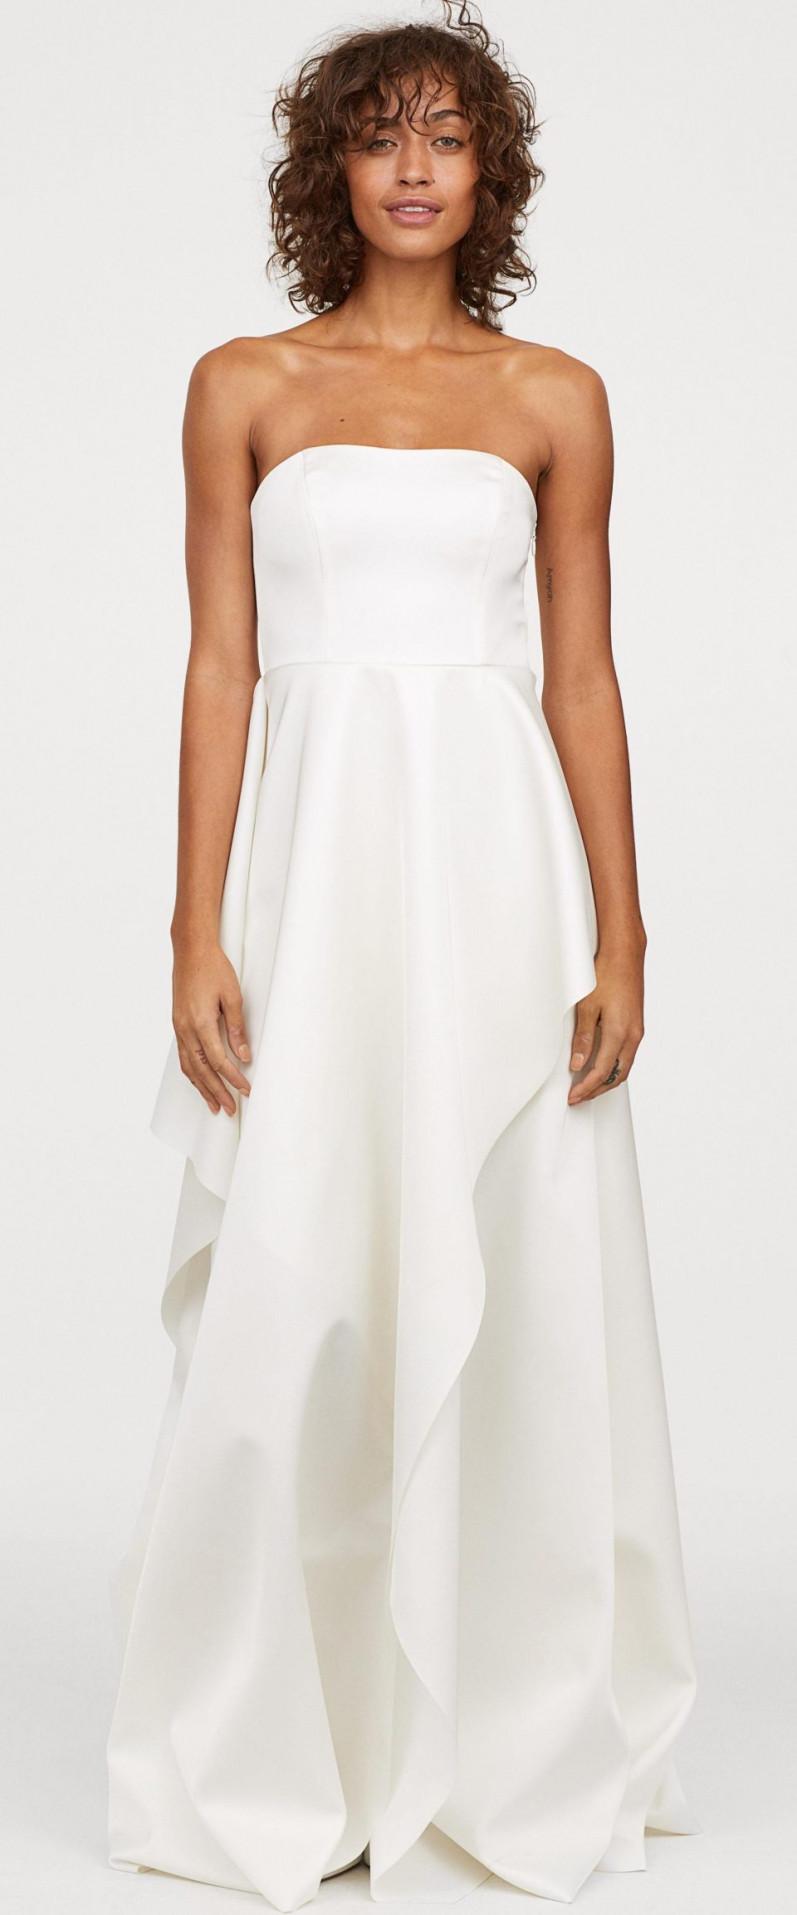 Váy cưới giá chỉ từ 1 triệu đồng cho cô dâu ngân sách eo hẹp Ảnh 1